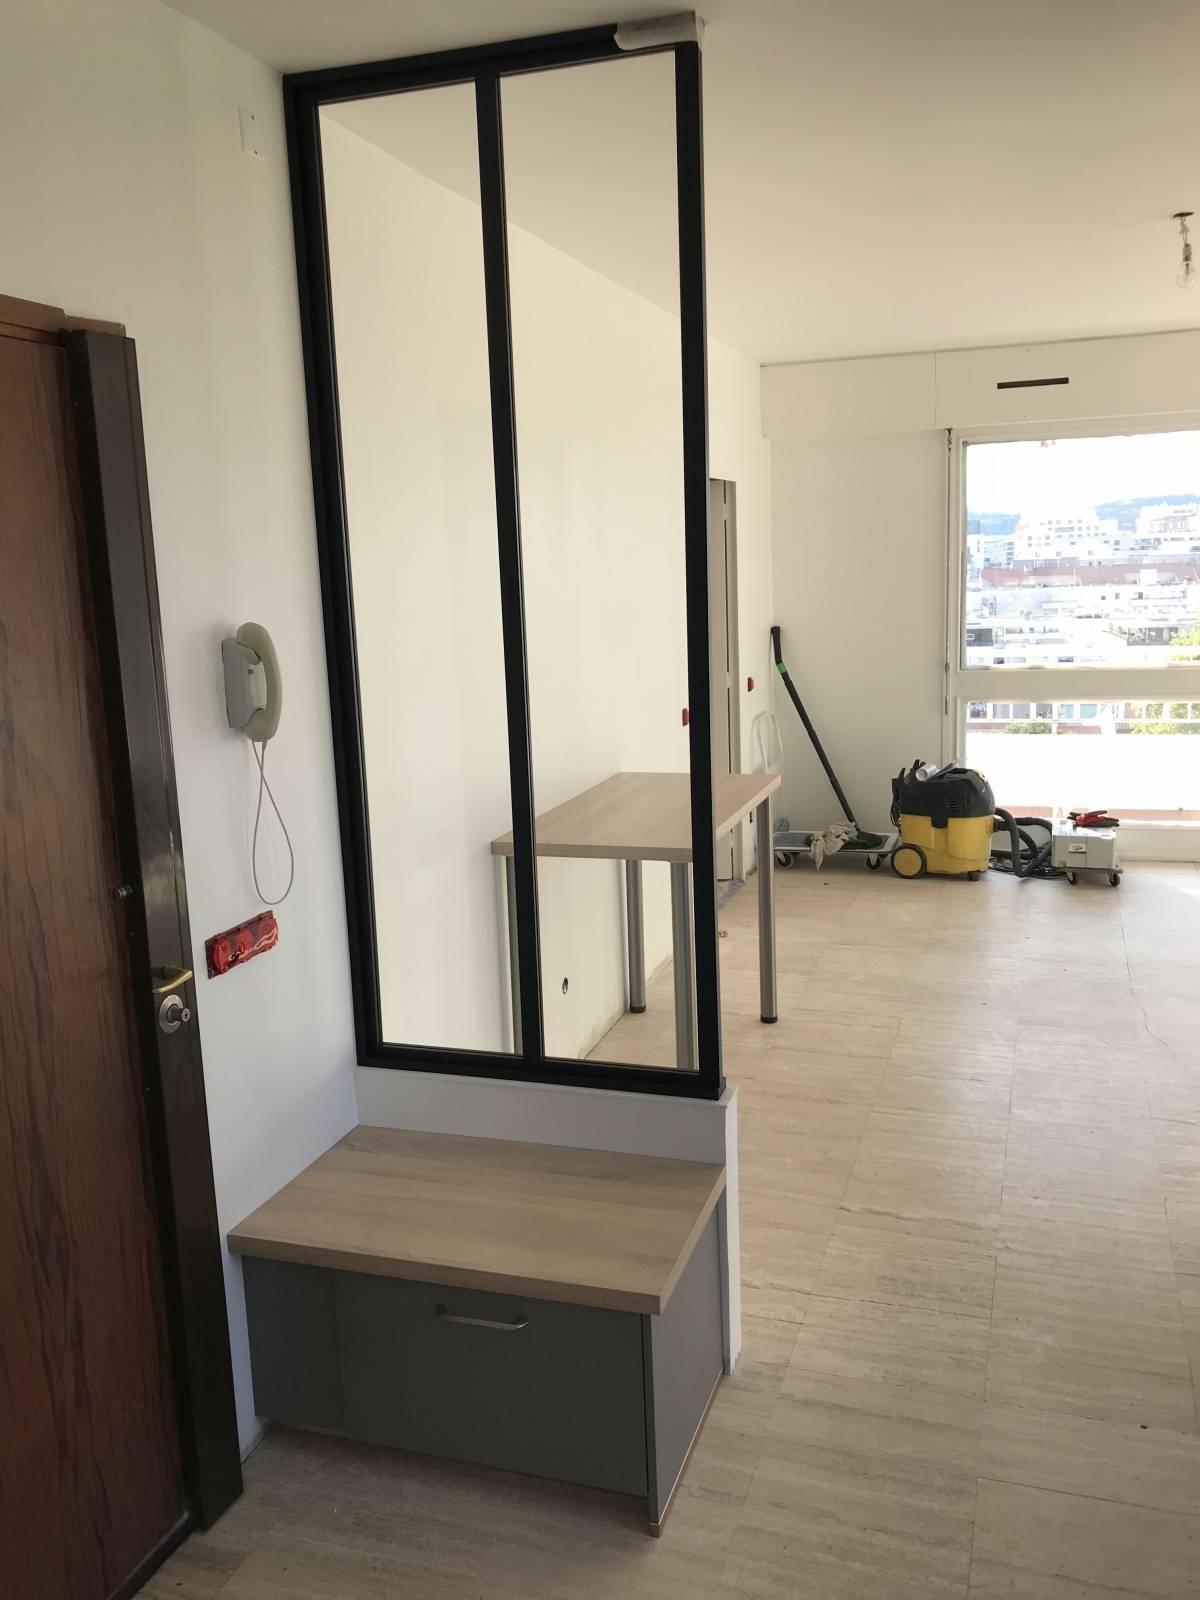 cuisine haut de gamme dans le 8e arrondissement de lyon 69 lyon adc cuisine. Black Bedroom Furniture Sets. Home Design Ideas